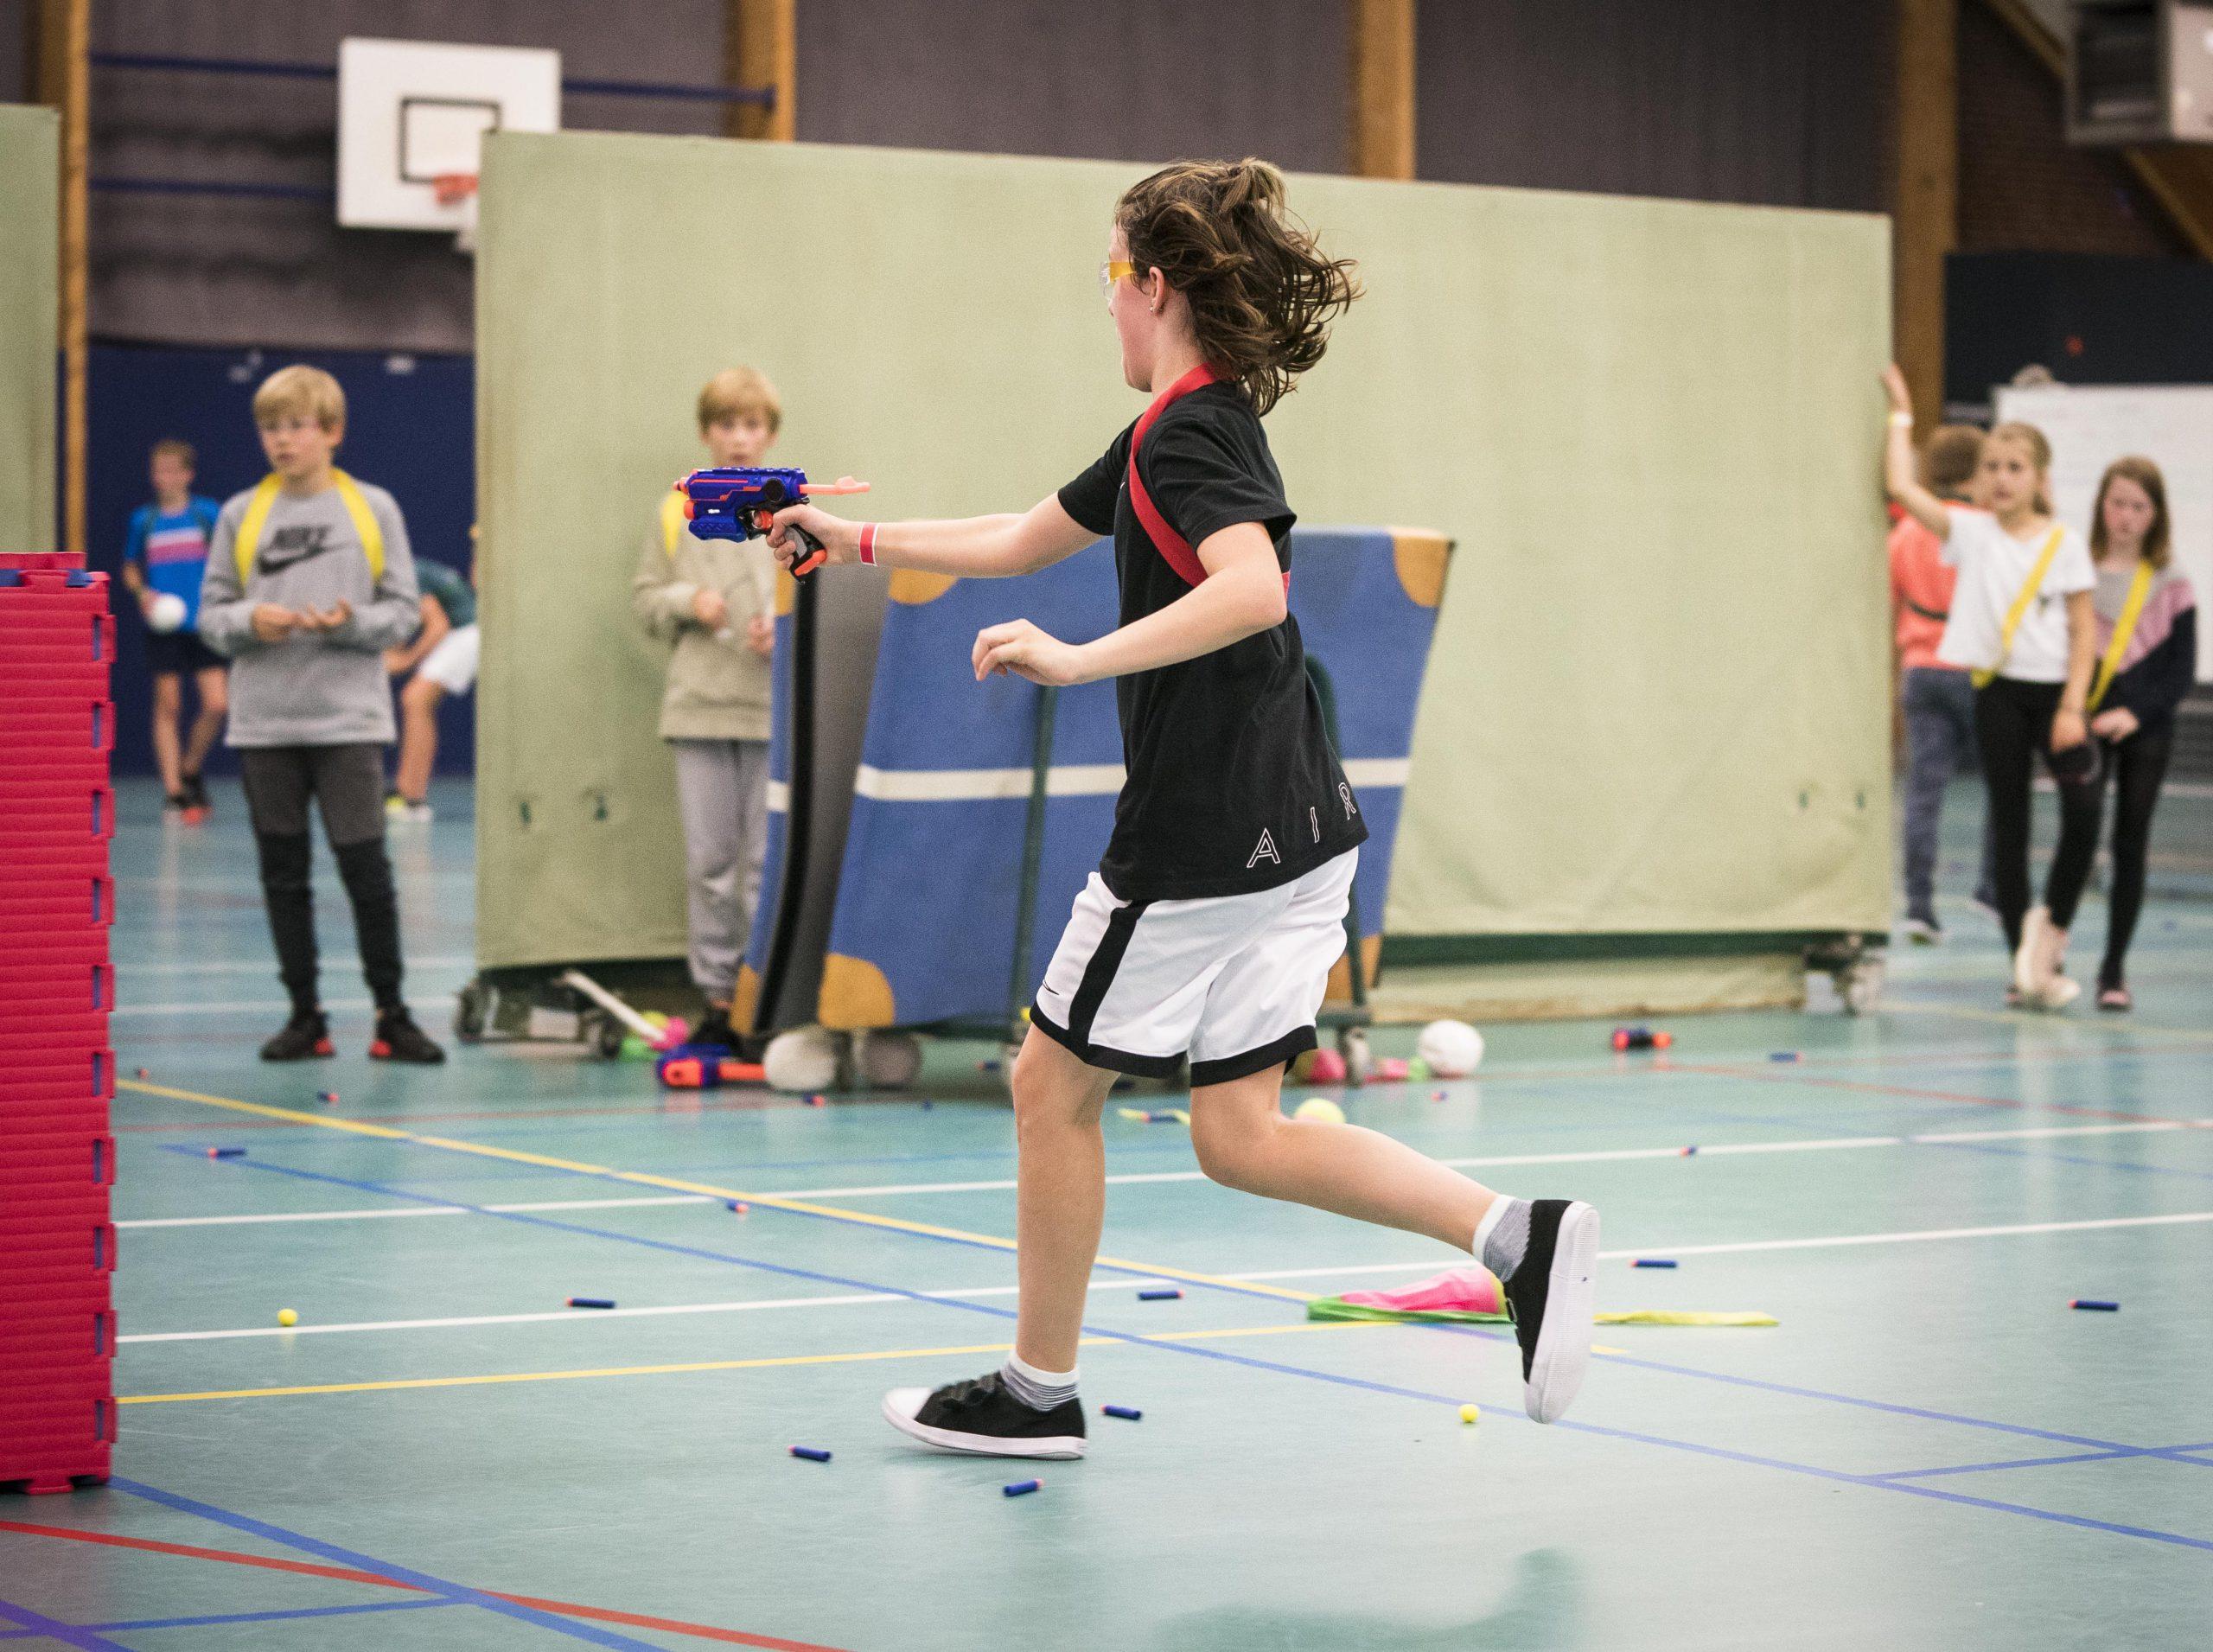 Spannende battles bij SportNite in Bloemendaal